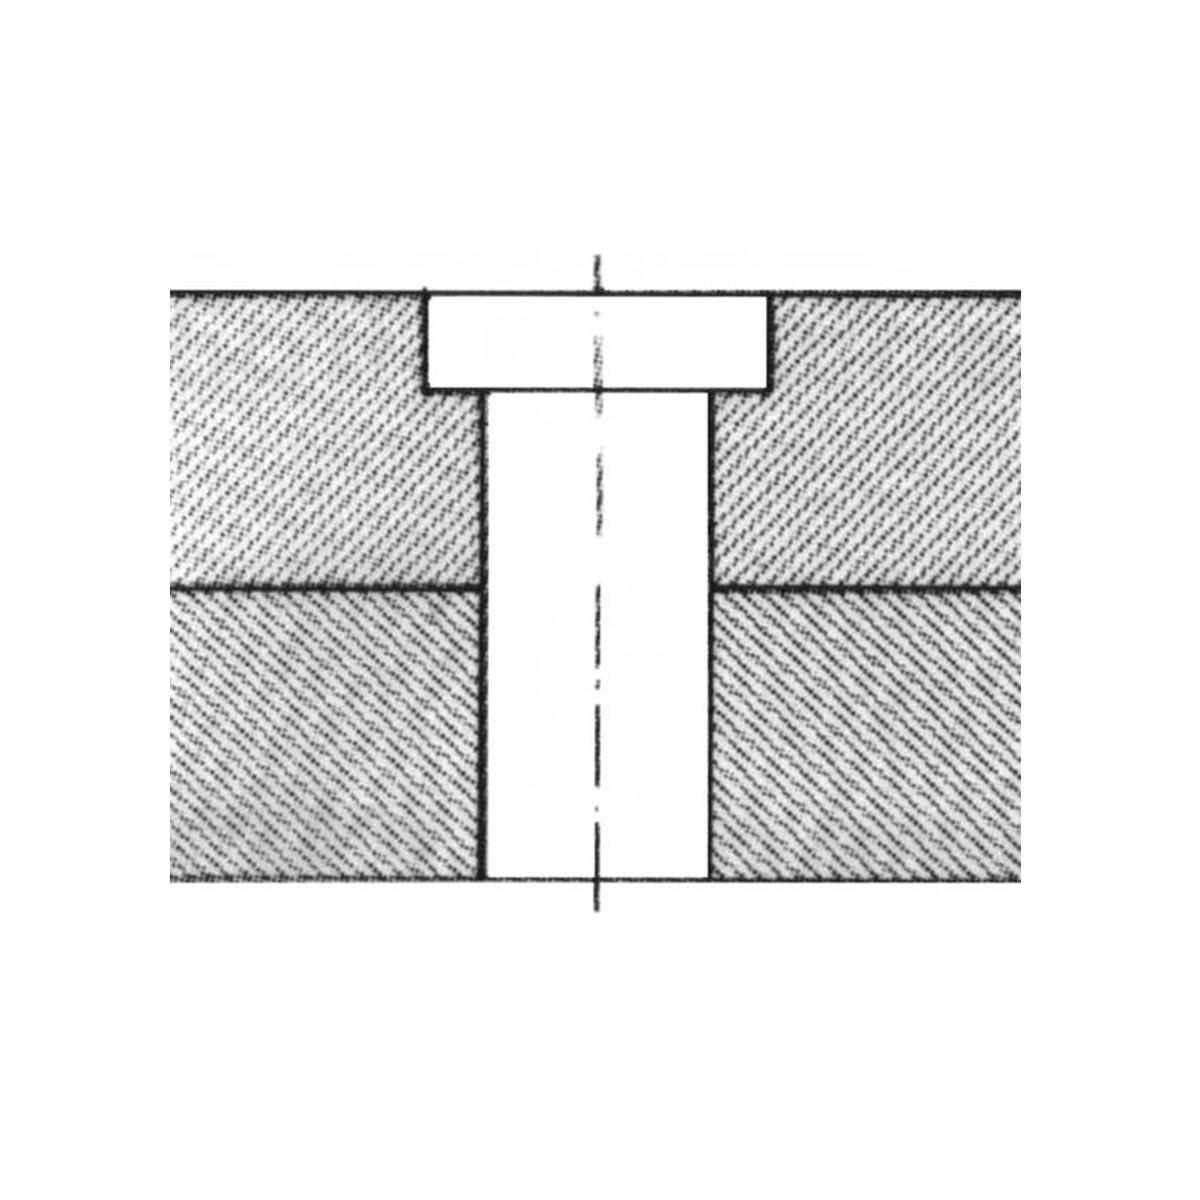 foret a percer 2 etages pour alu pvc forets acier au cobalt 5 code s rie 301. Black Bedroom Furniture Sets. Home Design Ideas